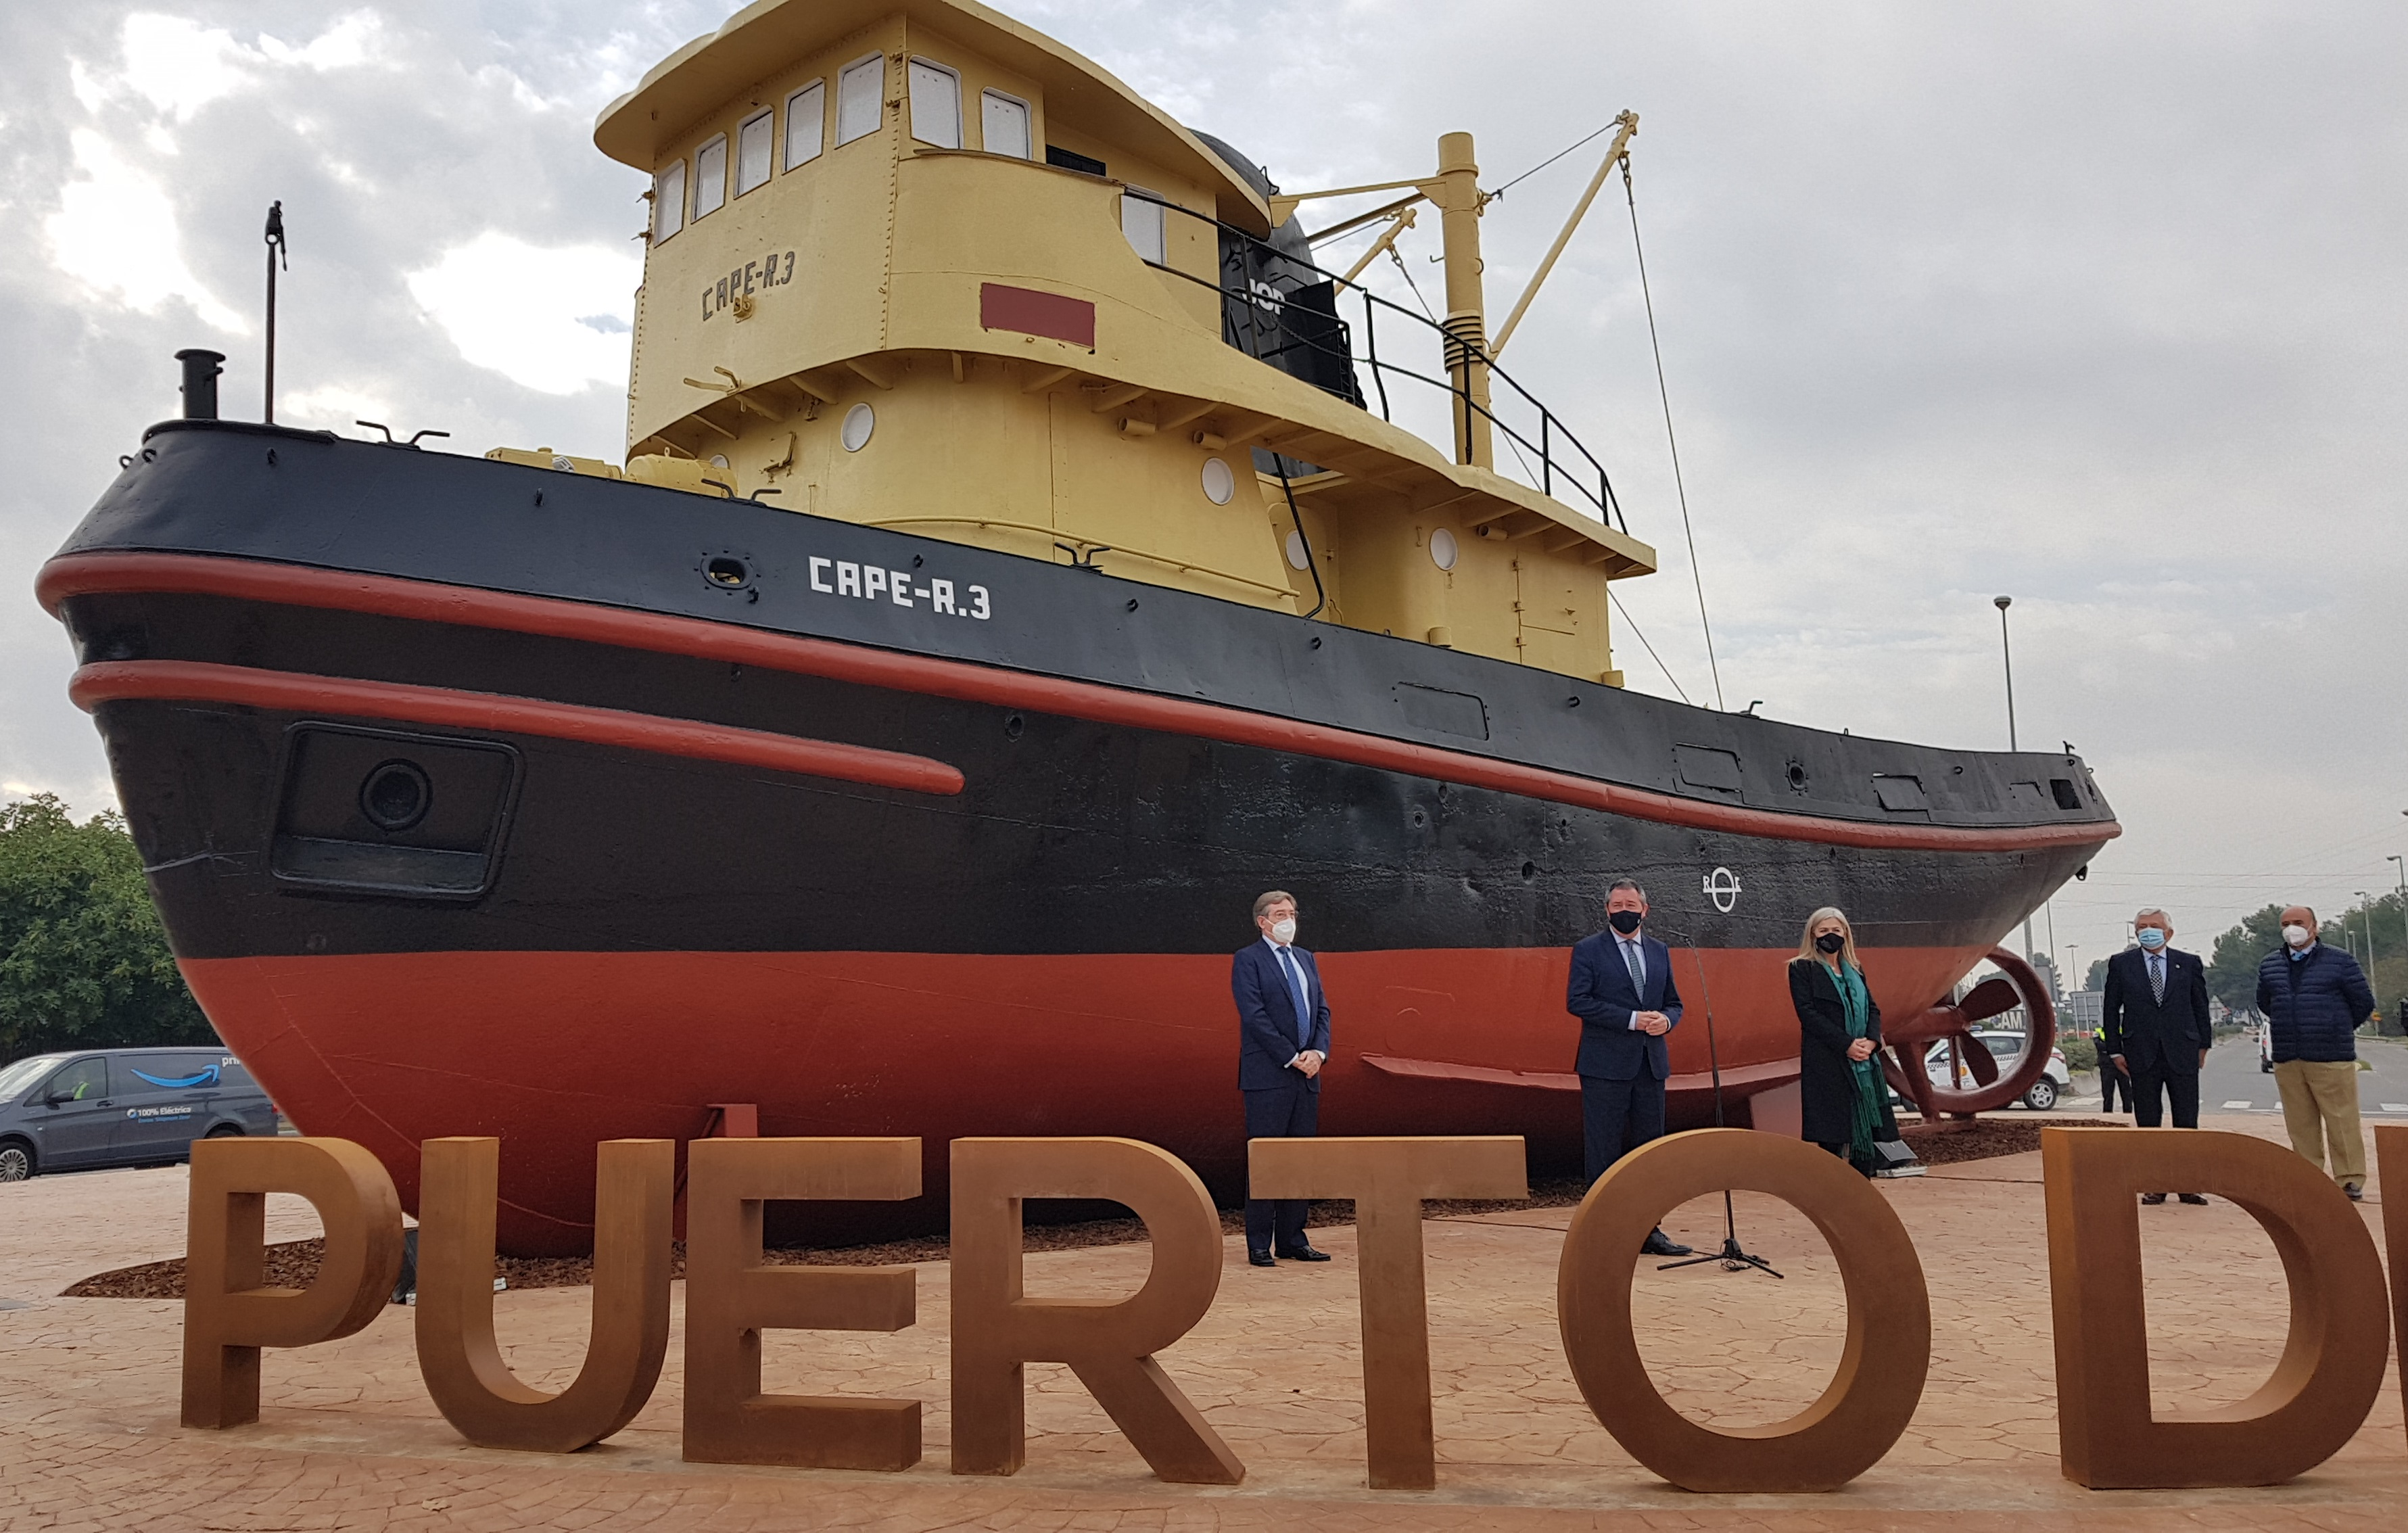 Celebran el 150 aniversario de la fundación de la Junta de Obra del Puerto de Sevilla